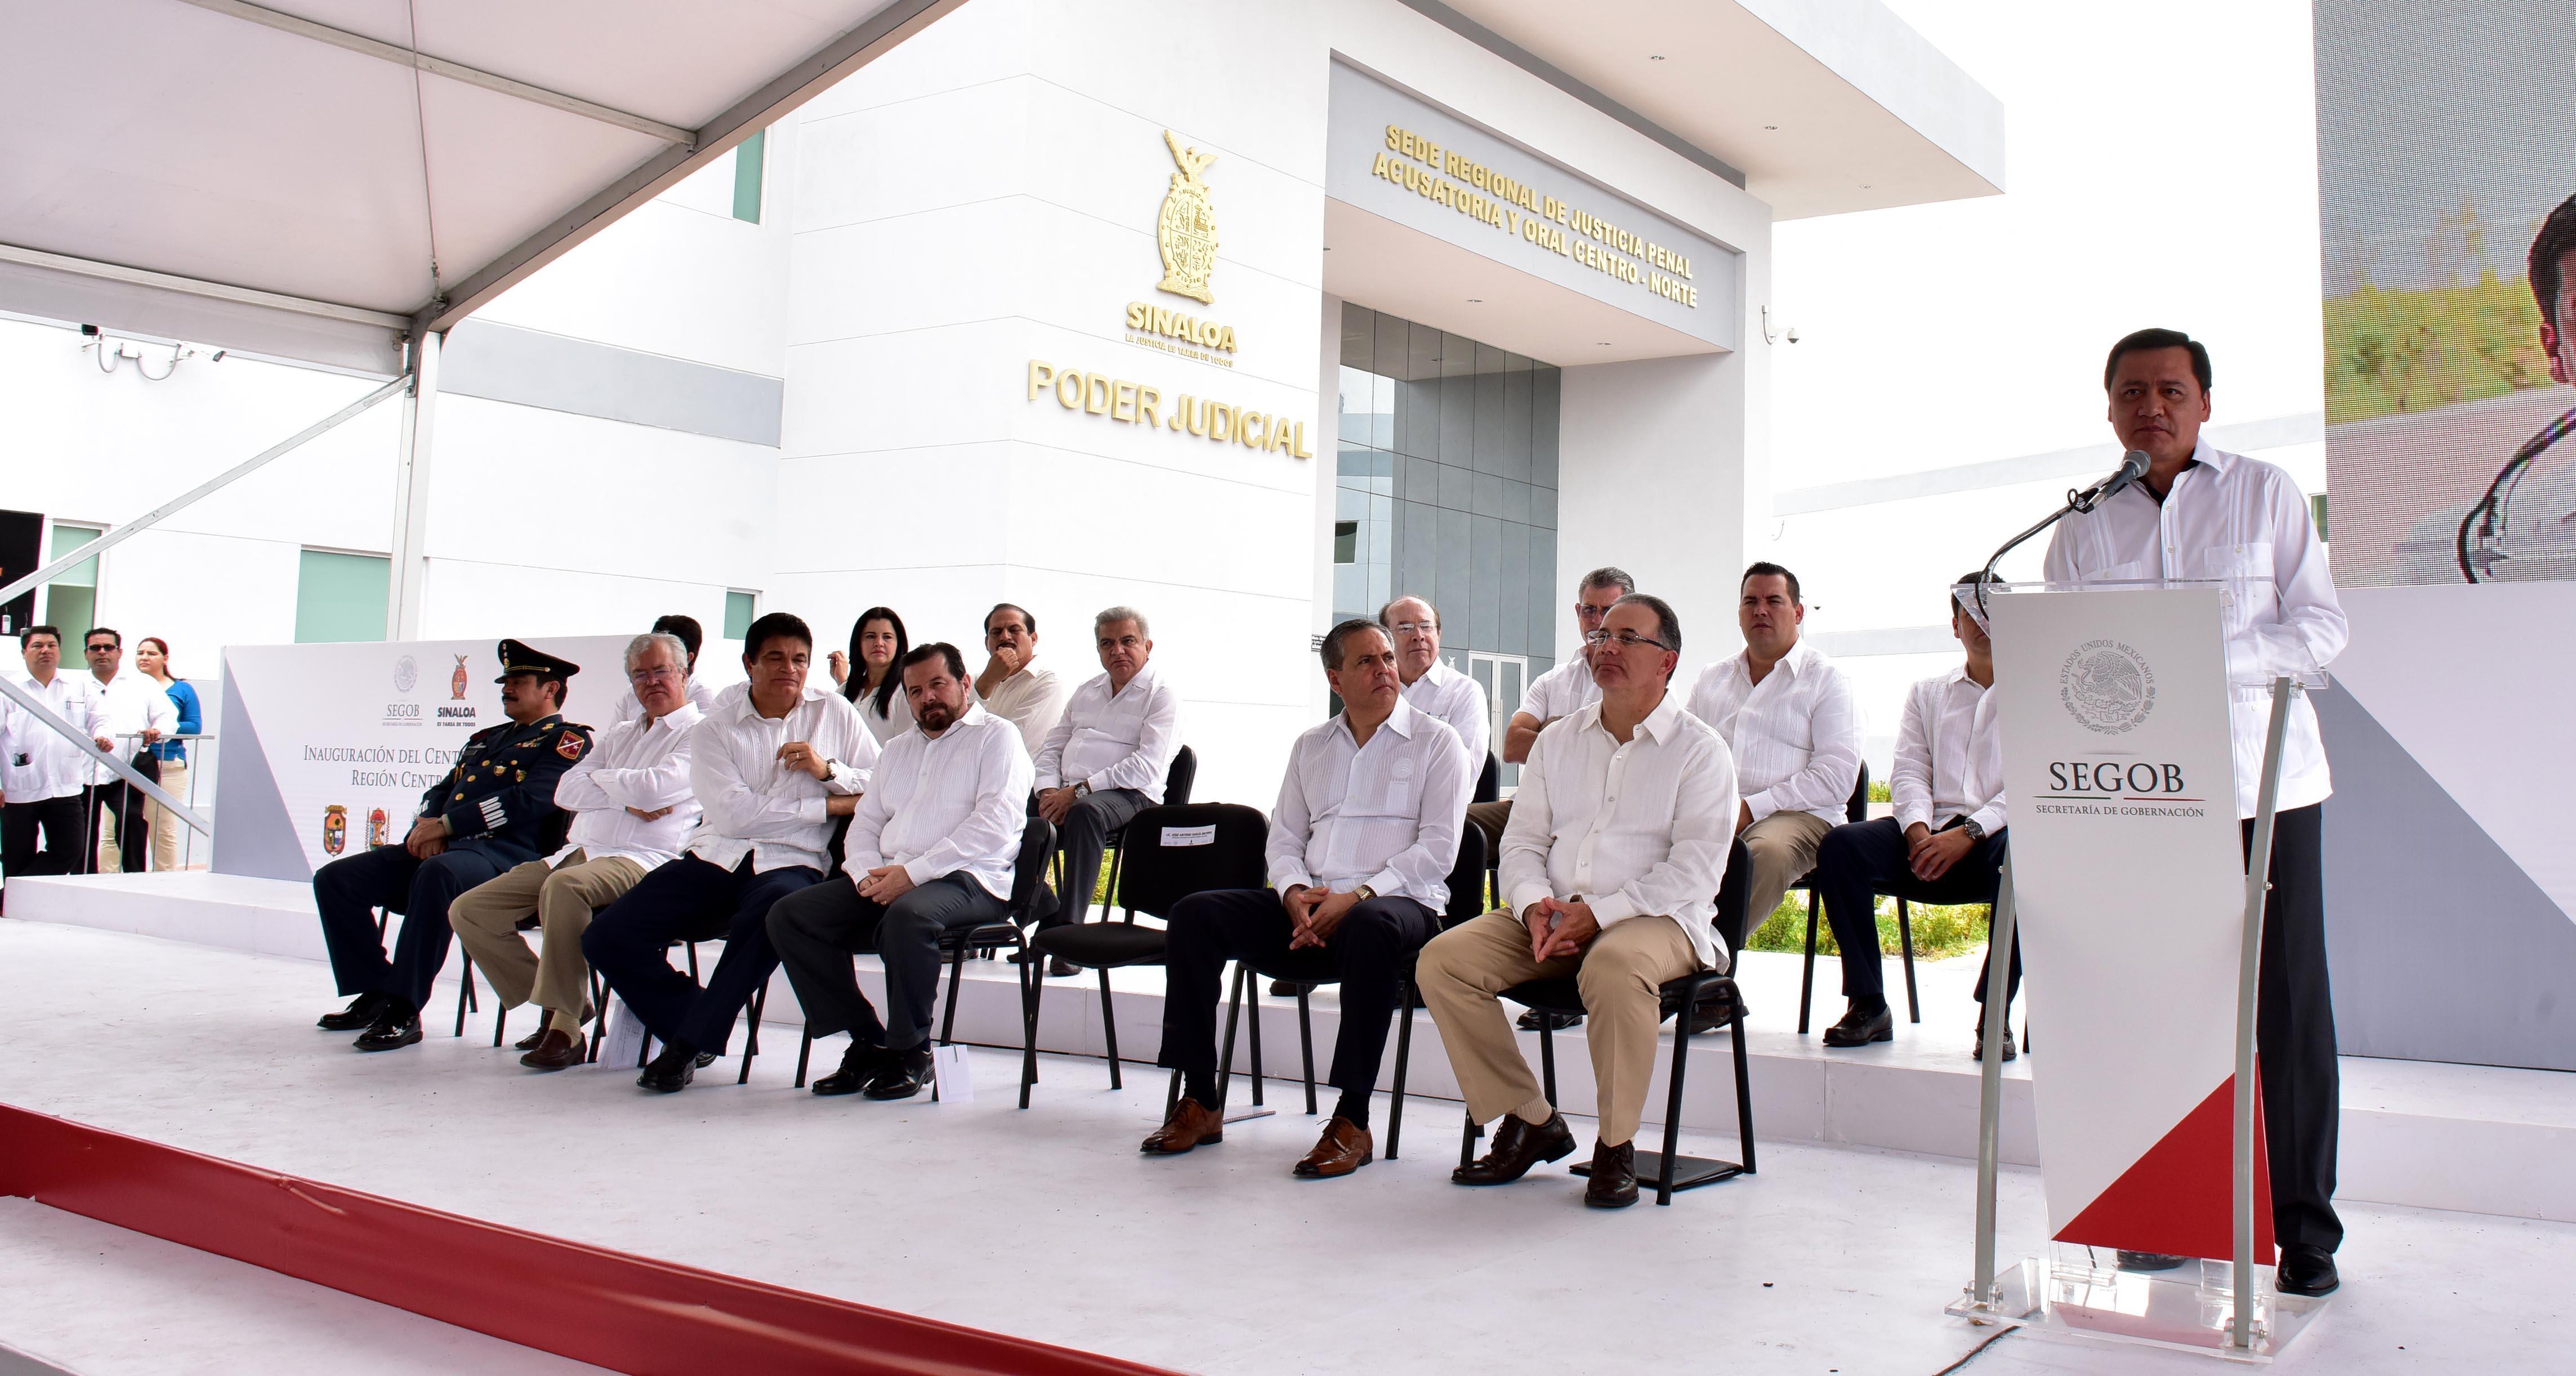 El Secretario de Gobernación, Miguel Ángel Osorio Chong, en la Inauguración del Centro de Justicia Penal Región Centro-Norte en la Angostura, Sinaloa.